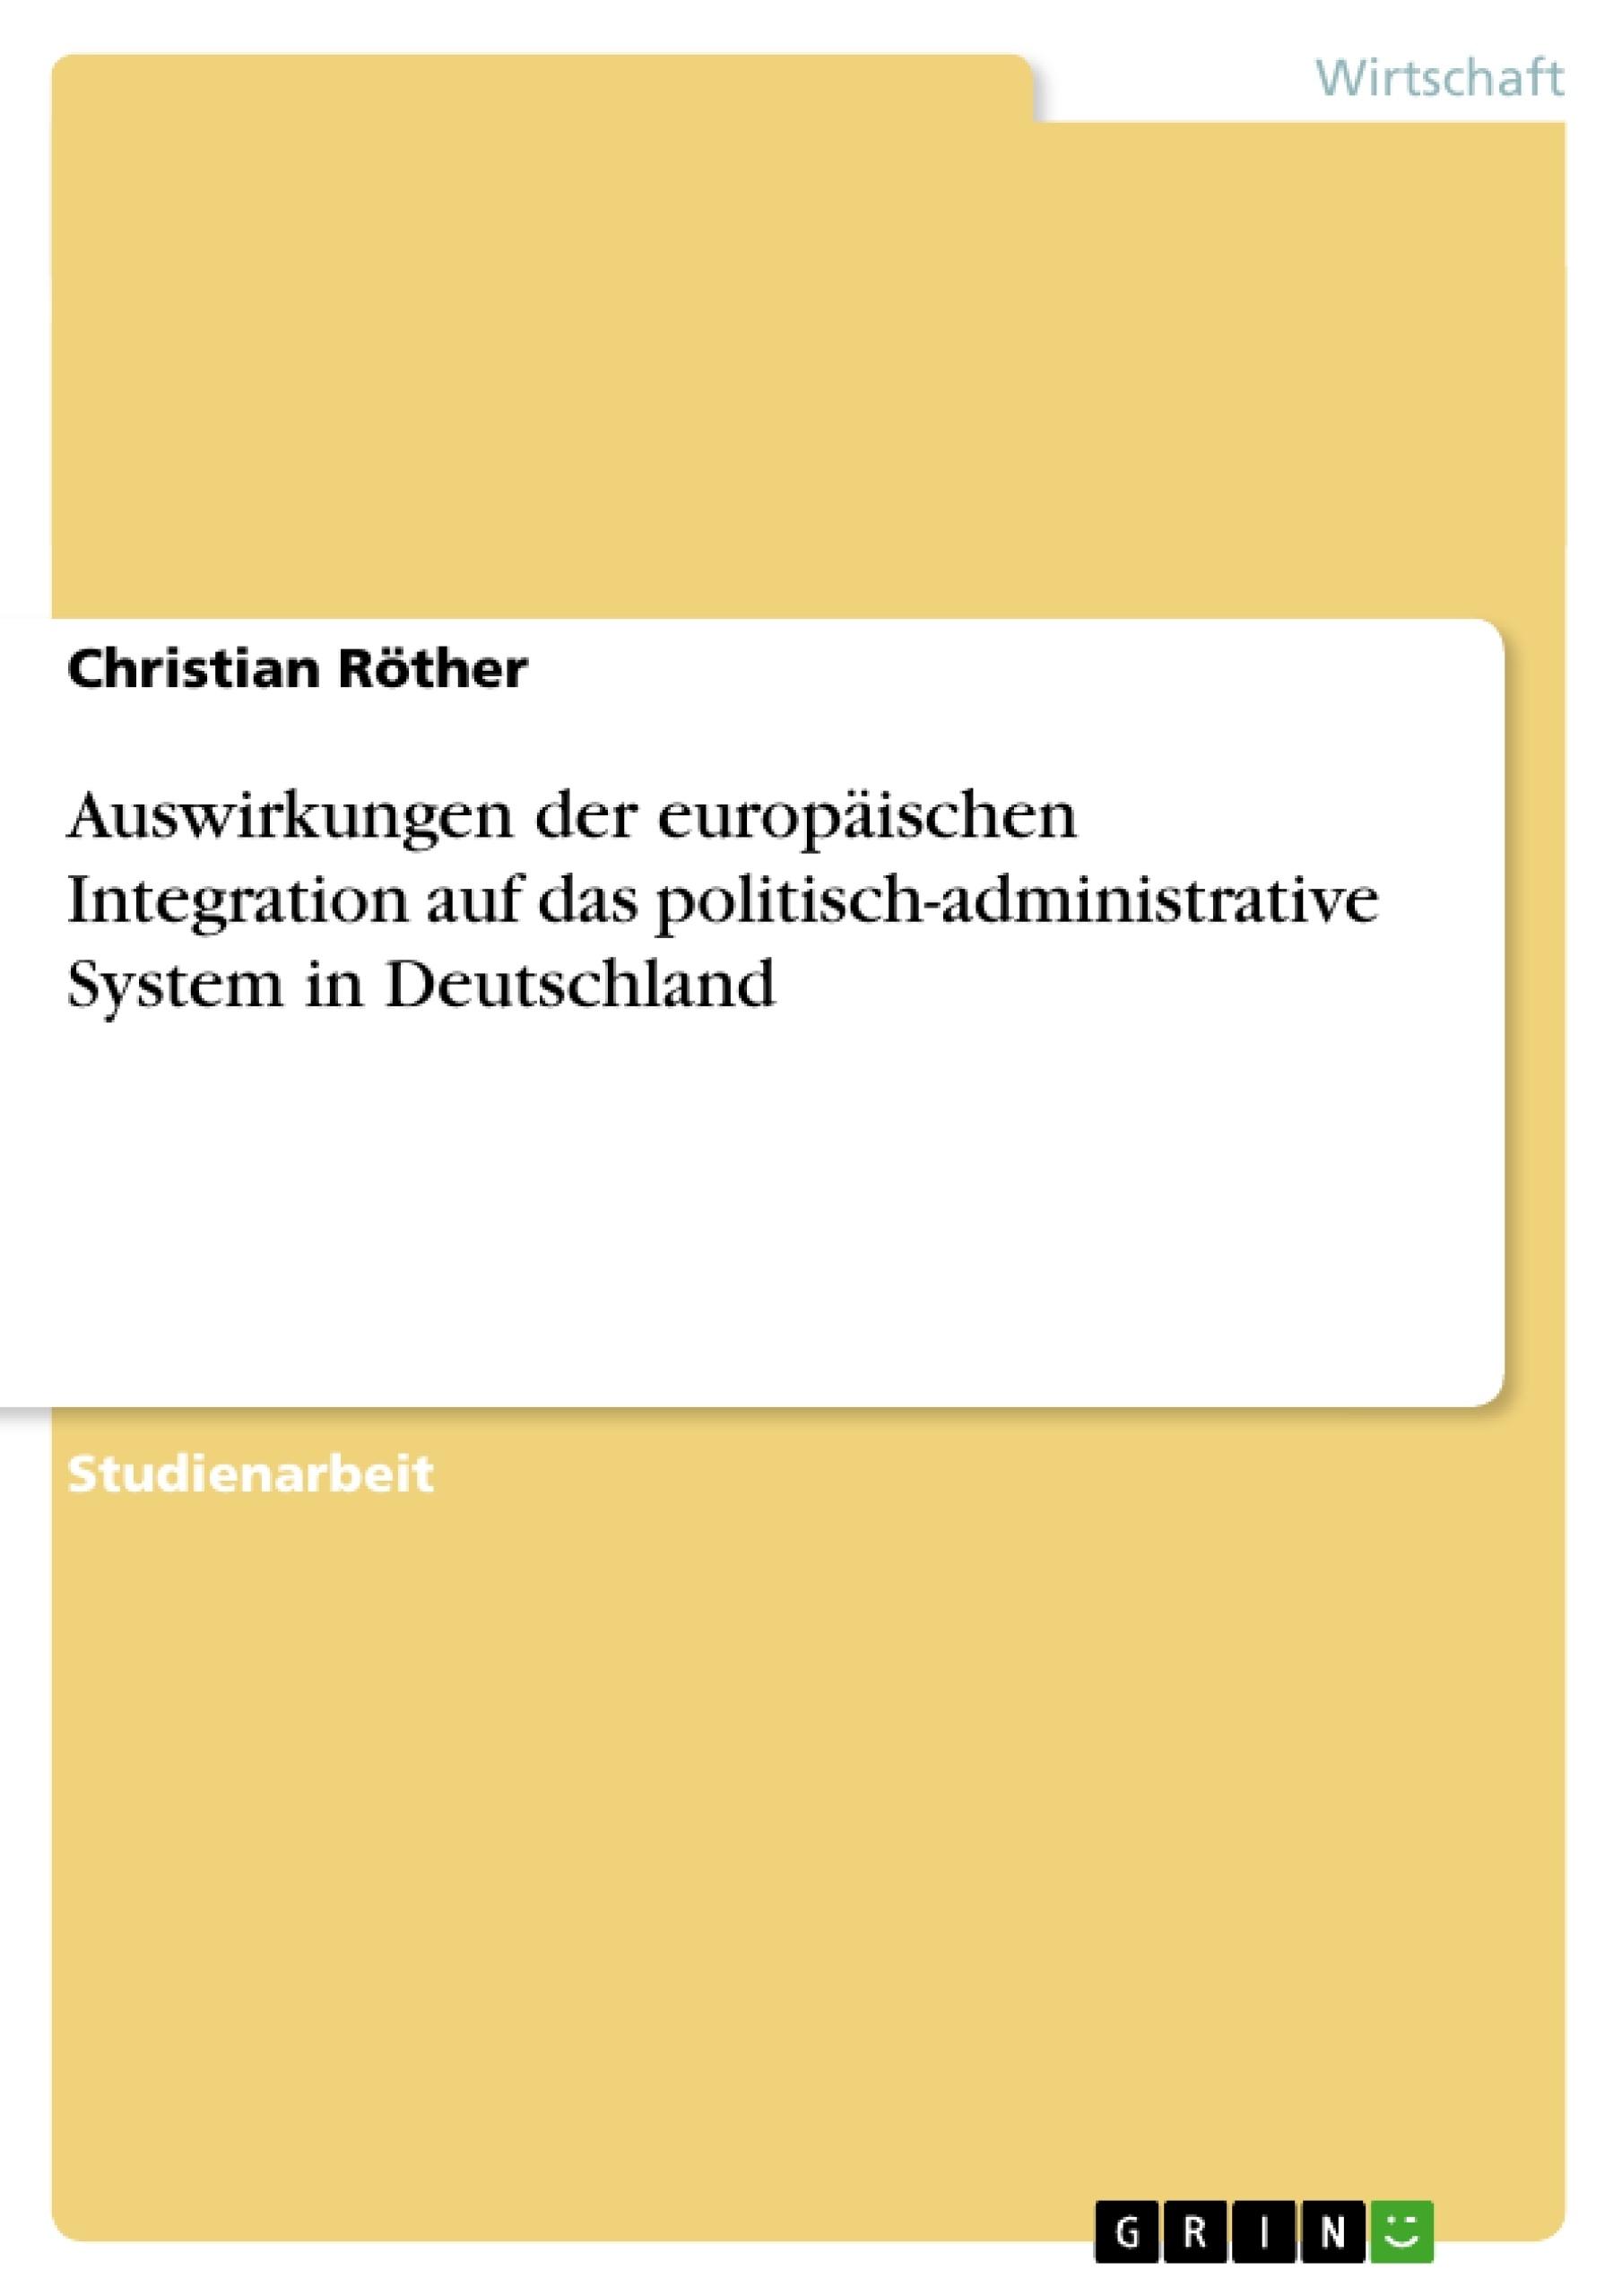 Titel: Auswirkungen der europäischen Integration auf das politisch-administrative System in Deutschland